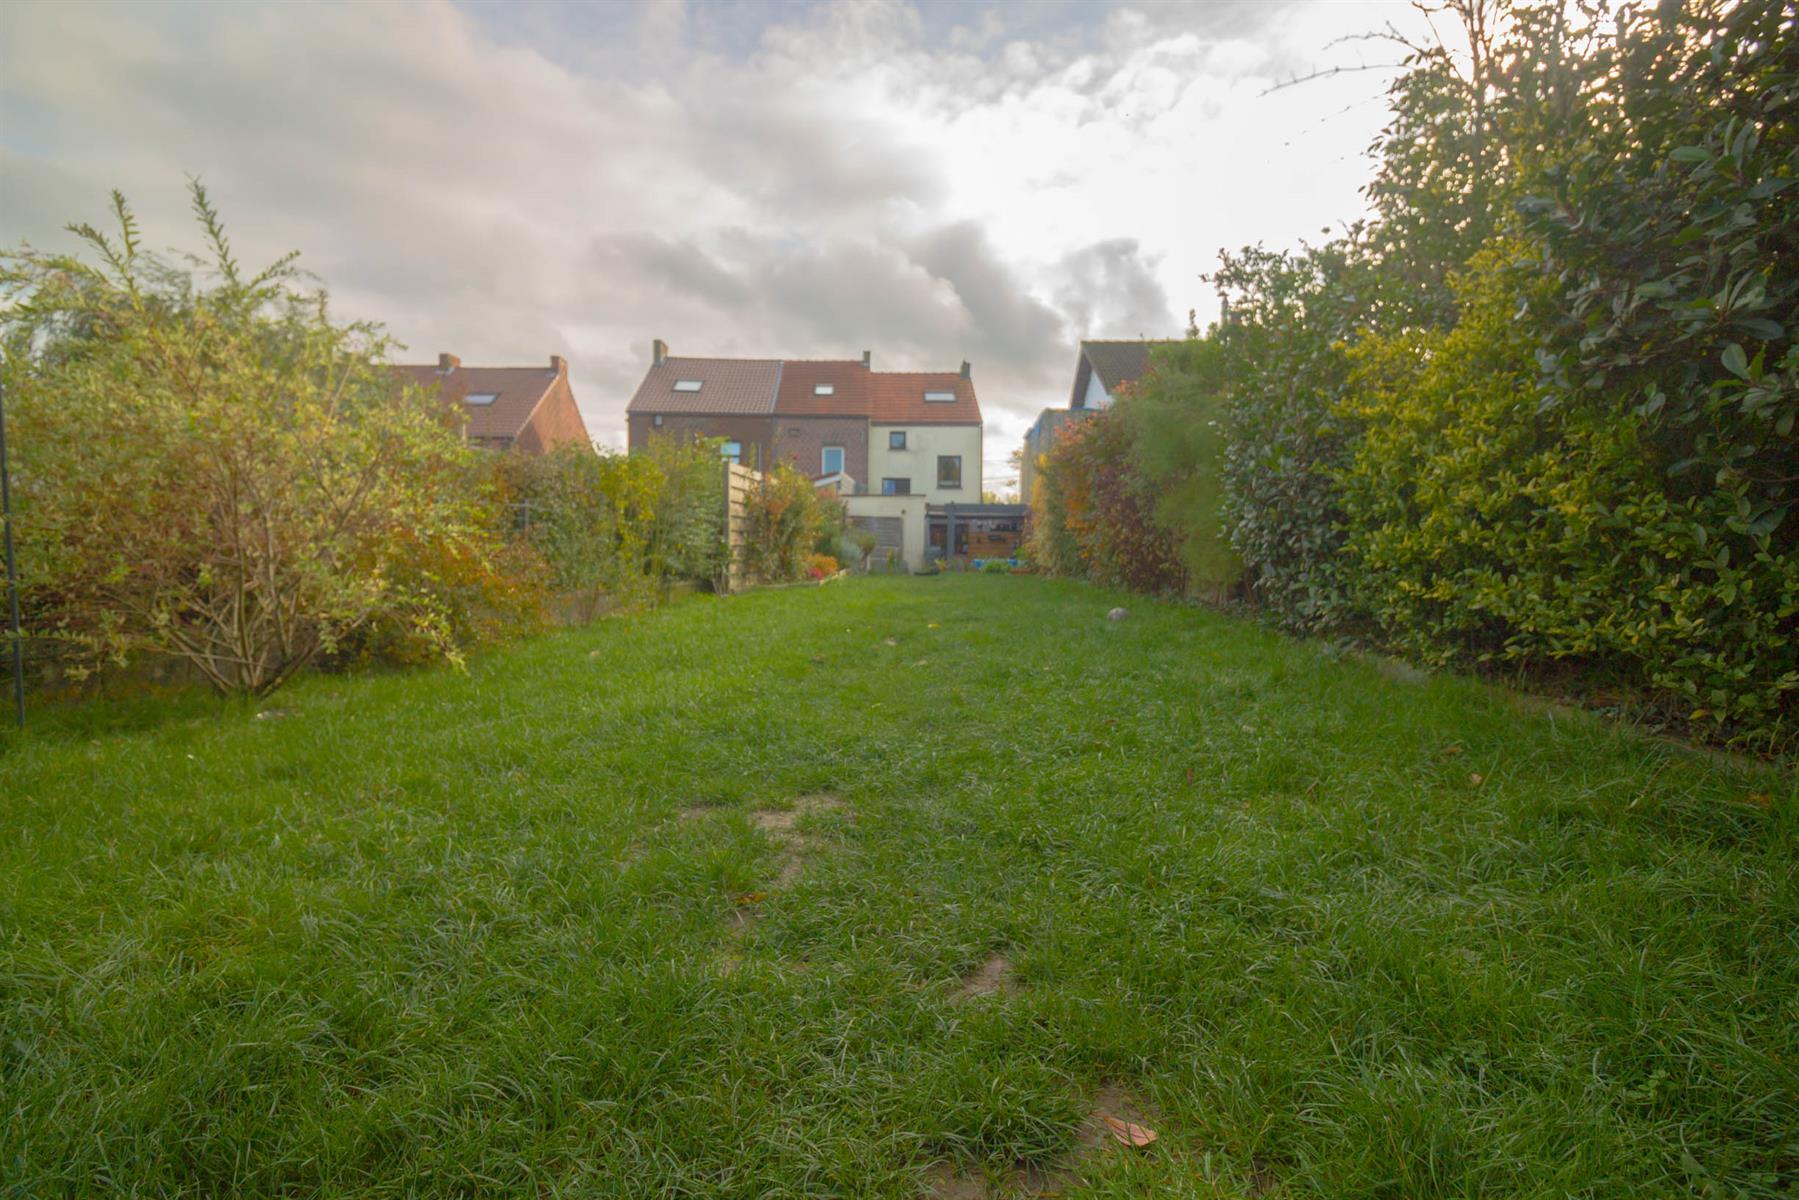 Maison - Pont-à-Celles - #4276867-26